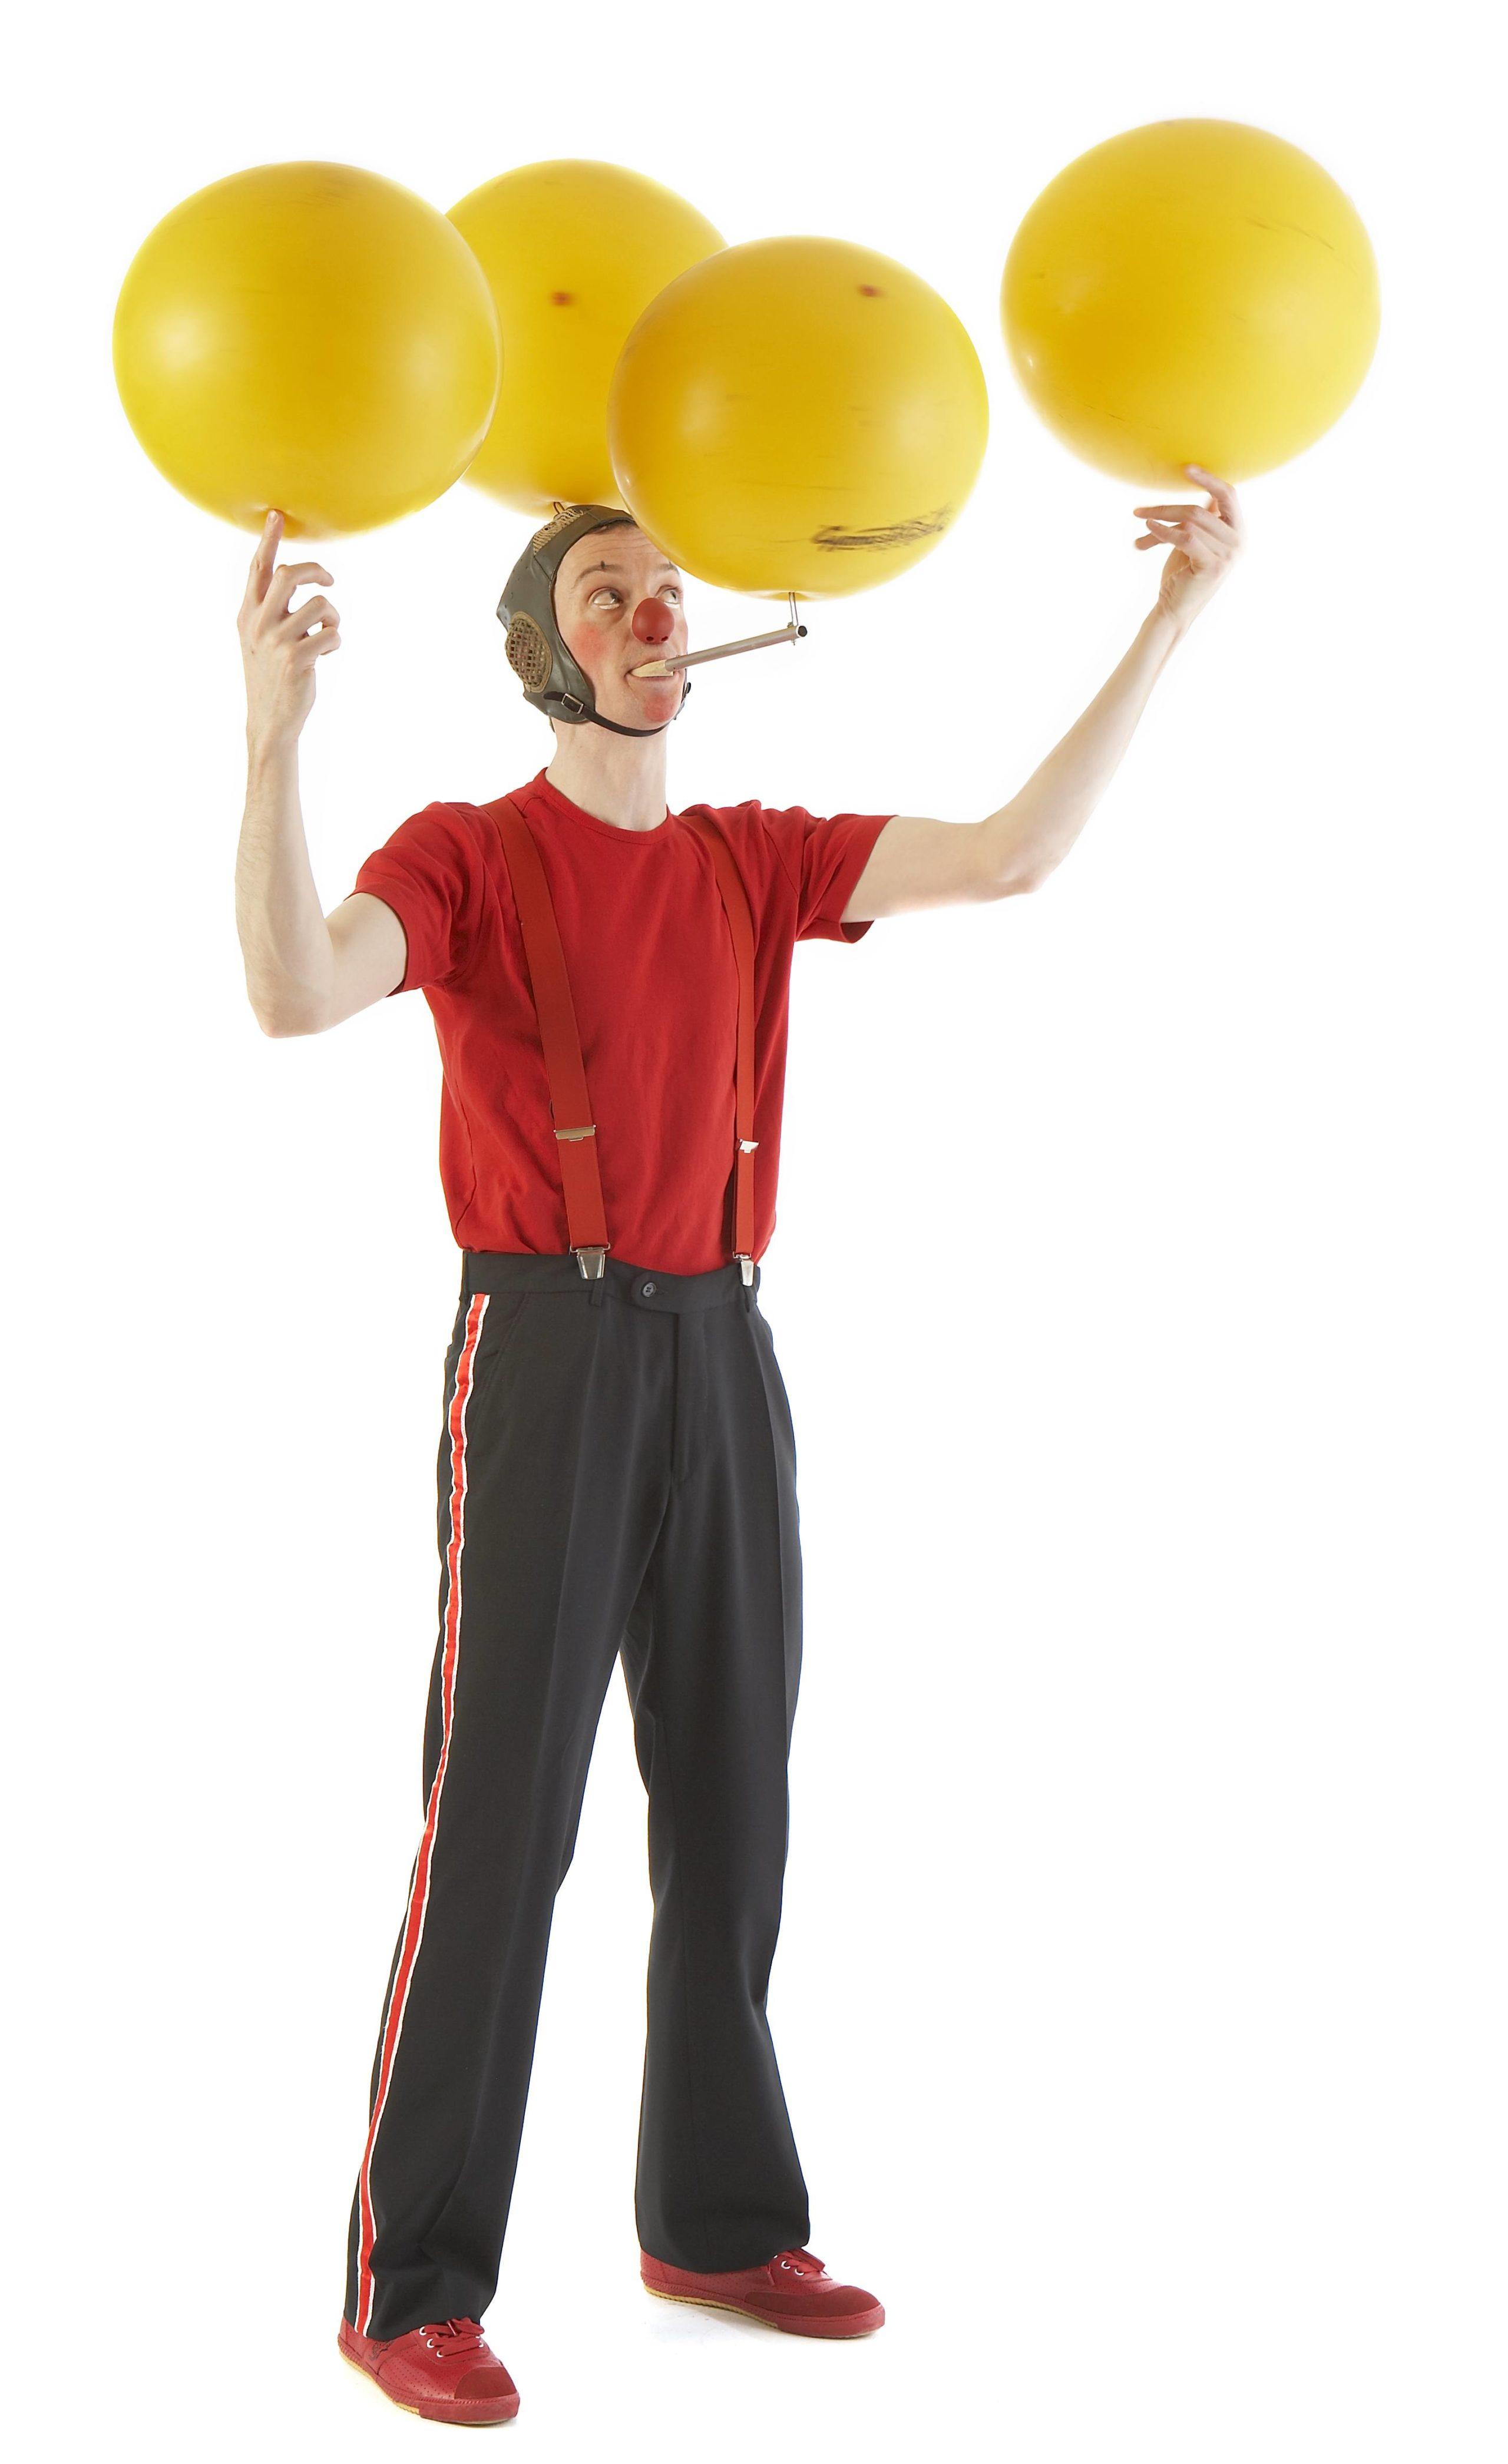 Klovnen Tapé balancerer med fire bolde